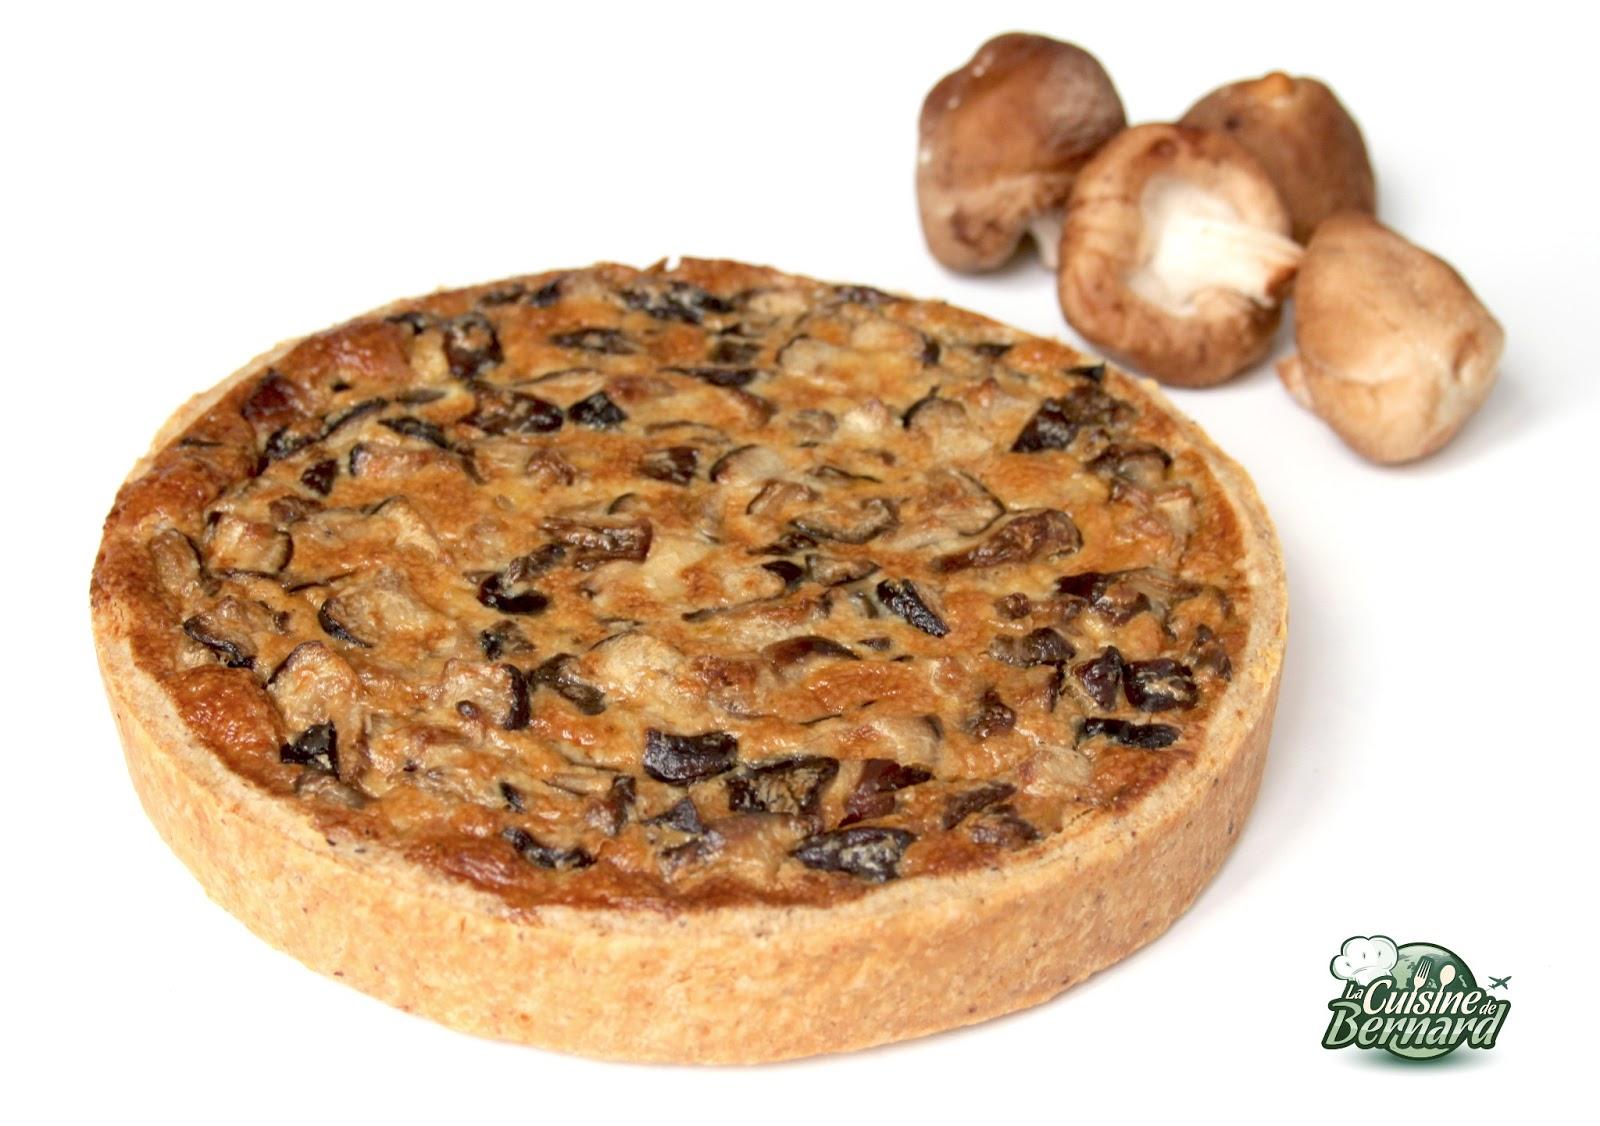 La cuisine de bernard tarte 28 images la cuisine de for A cuisine de bernard